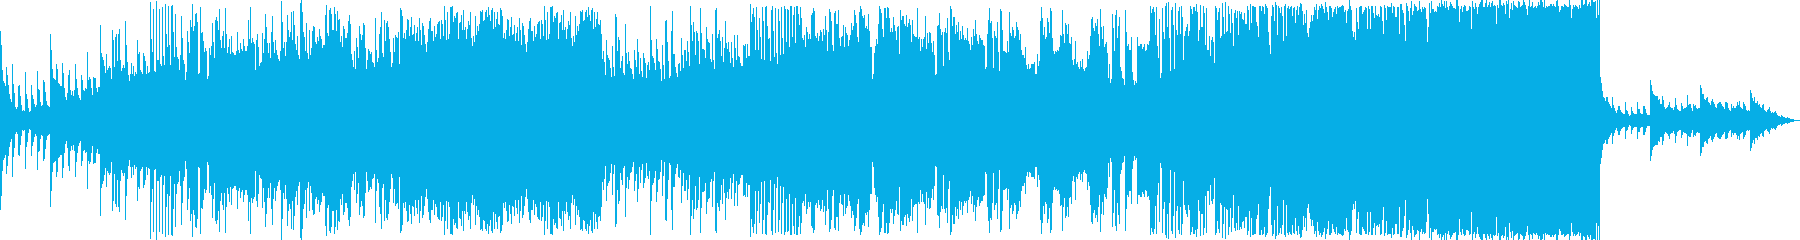 「挑戦者」をイメージしたEDM・ロック調の再生済みの波形